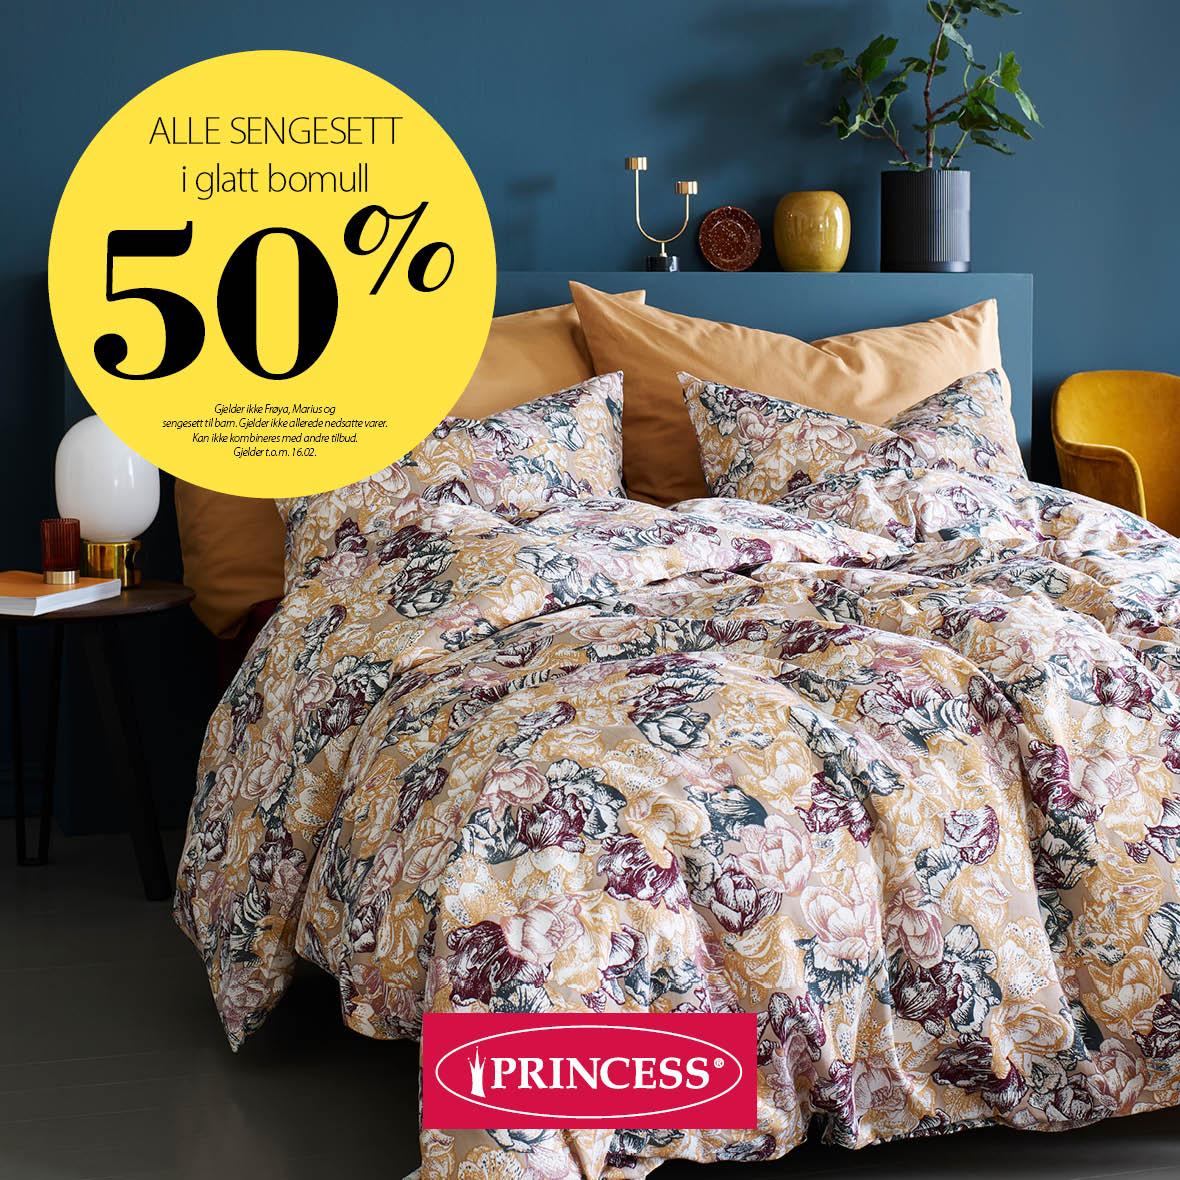 -50% på sengesett i glatt bomull